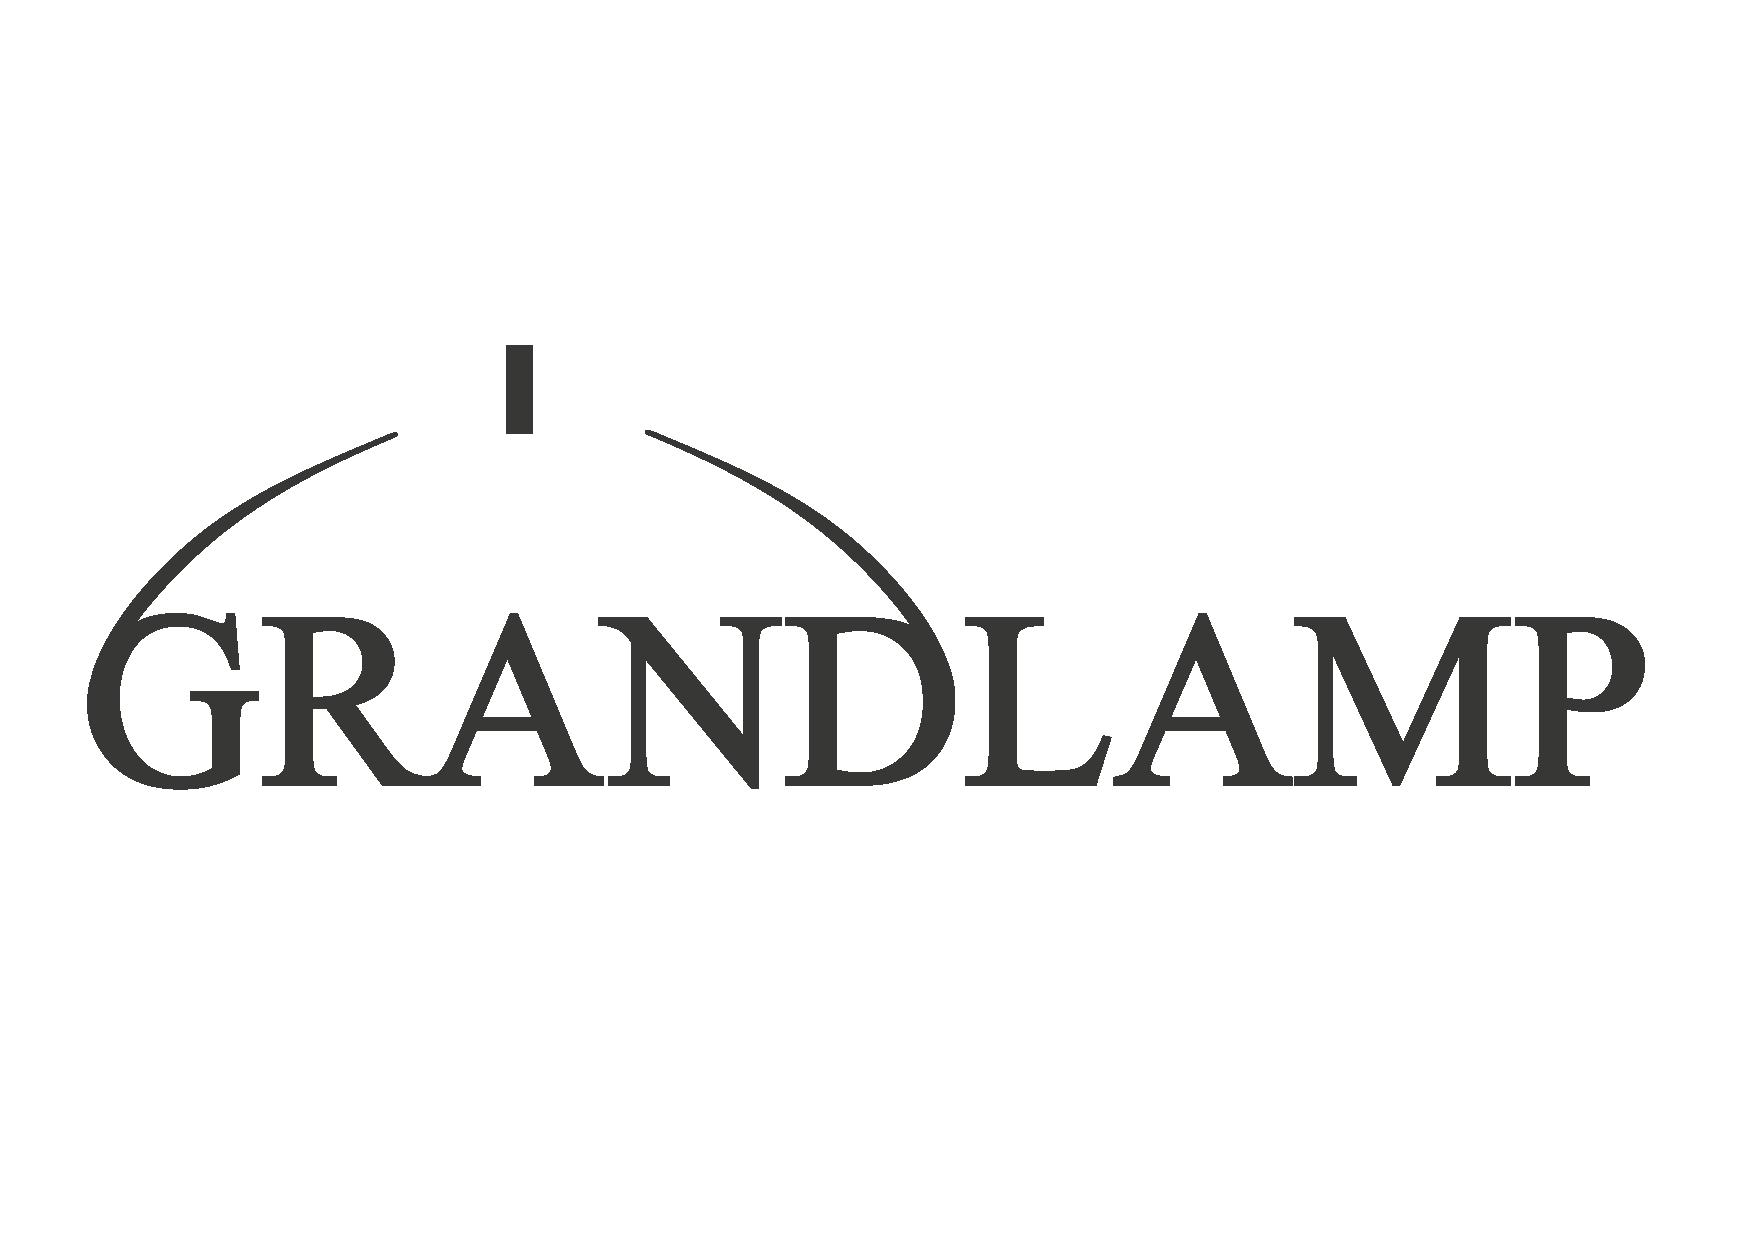 Разработка логотипа и элементов фирменного стиля фото f_18057e44e8fb5421.png